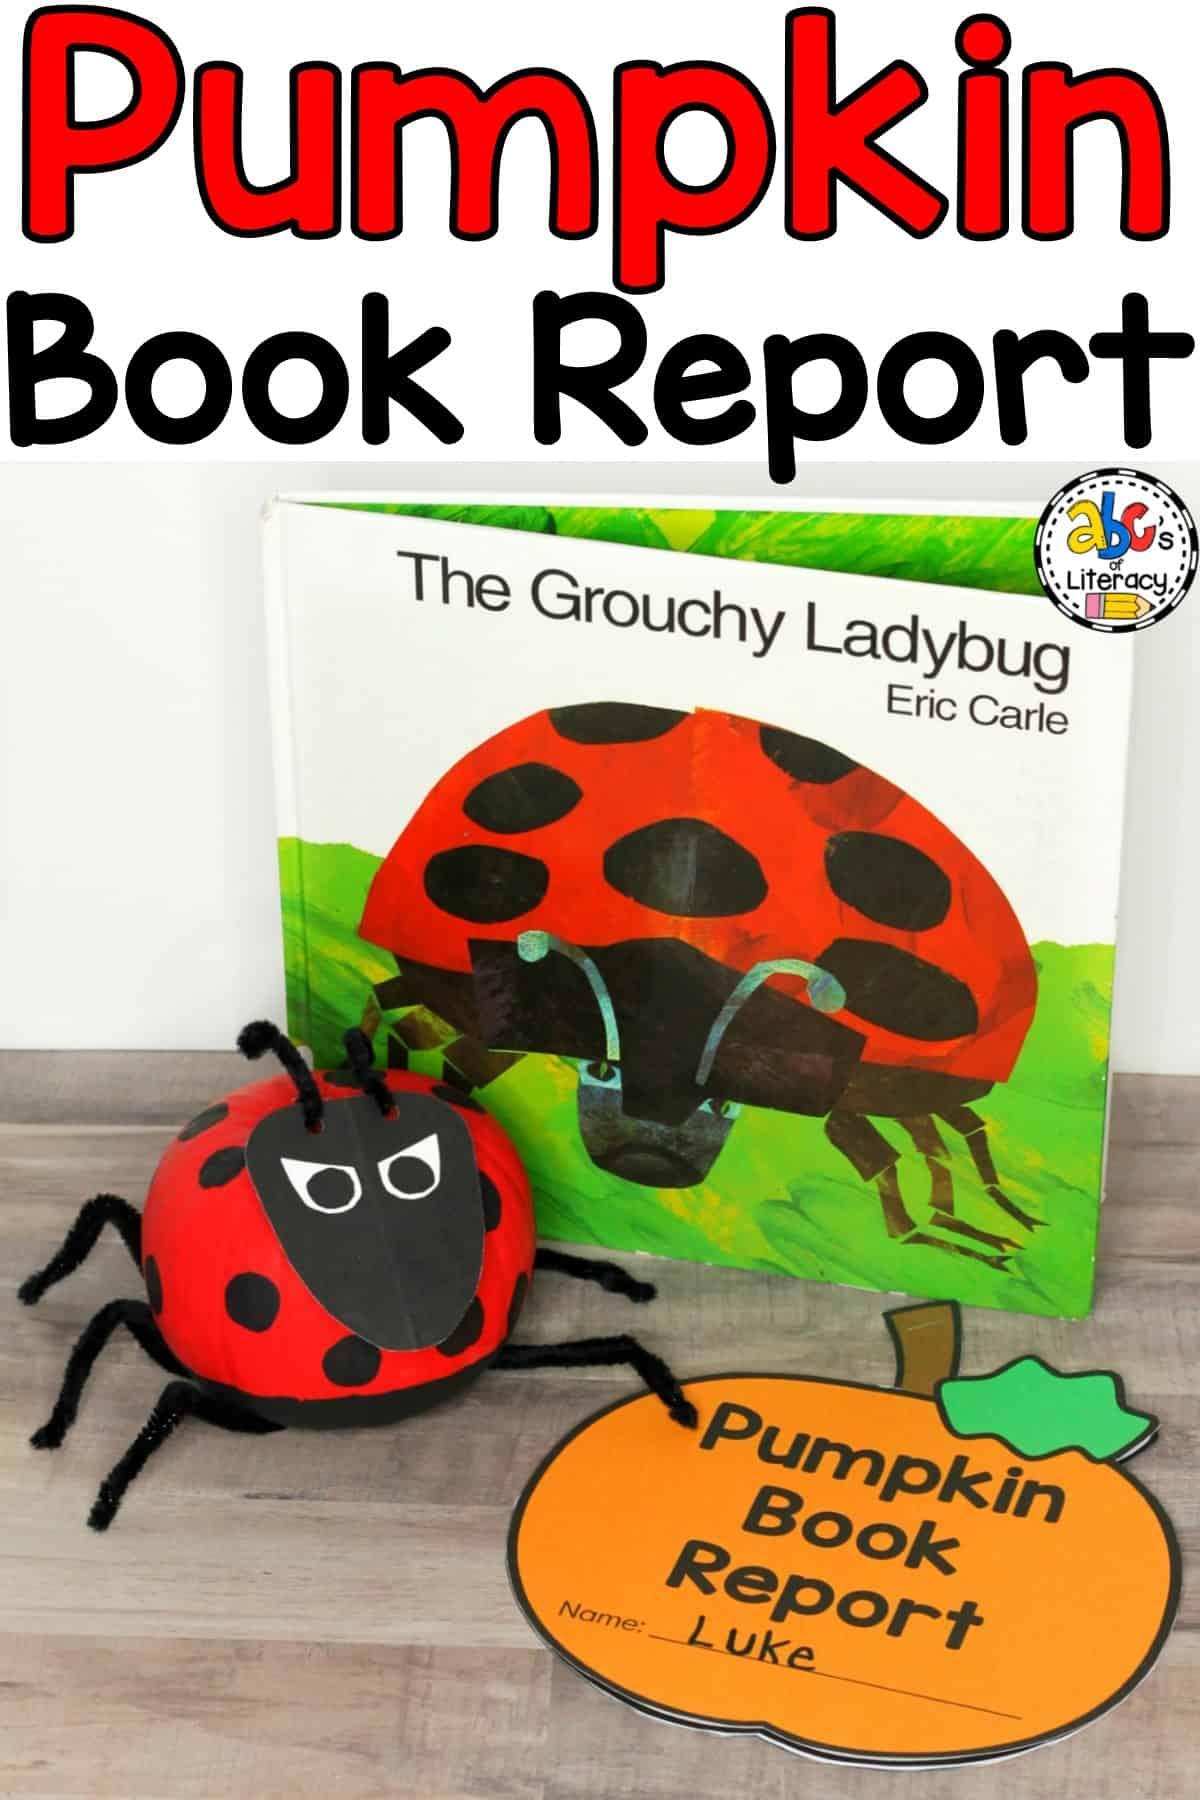 Pumpkin Book Report, Pumpkin Book Report Idea, Pumpkin Book Character Report, No Carve Pumpkin, Book Inspired Pumpkin